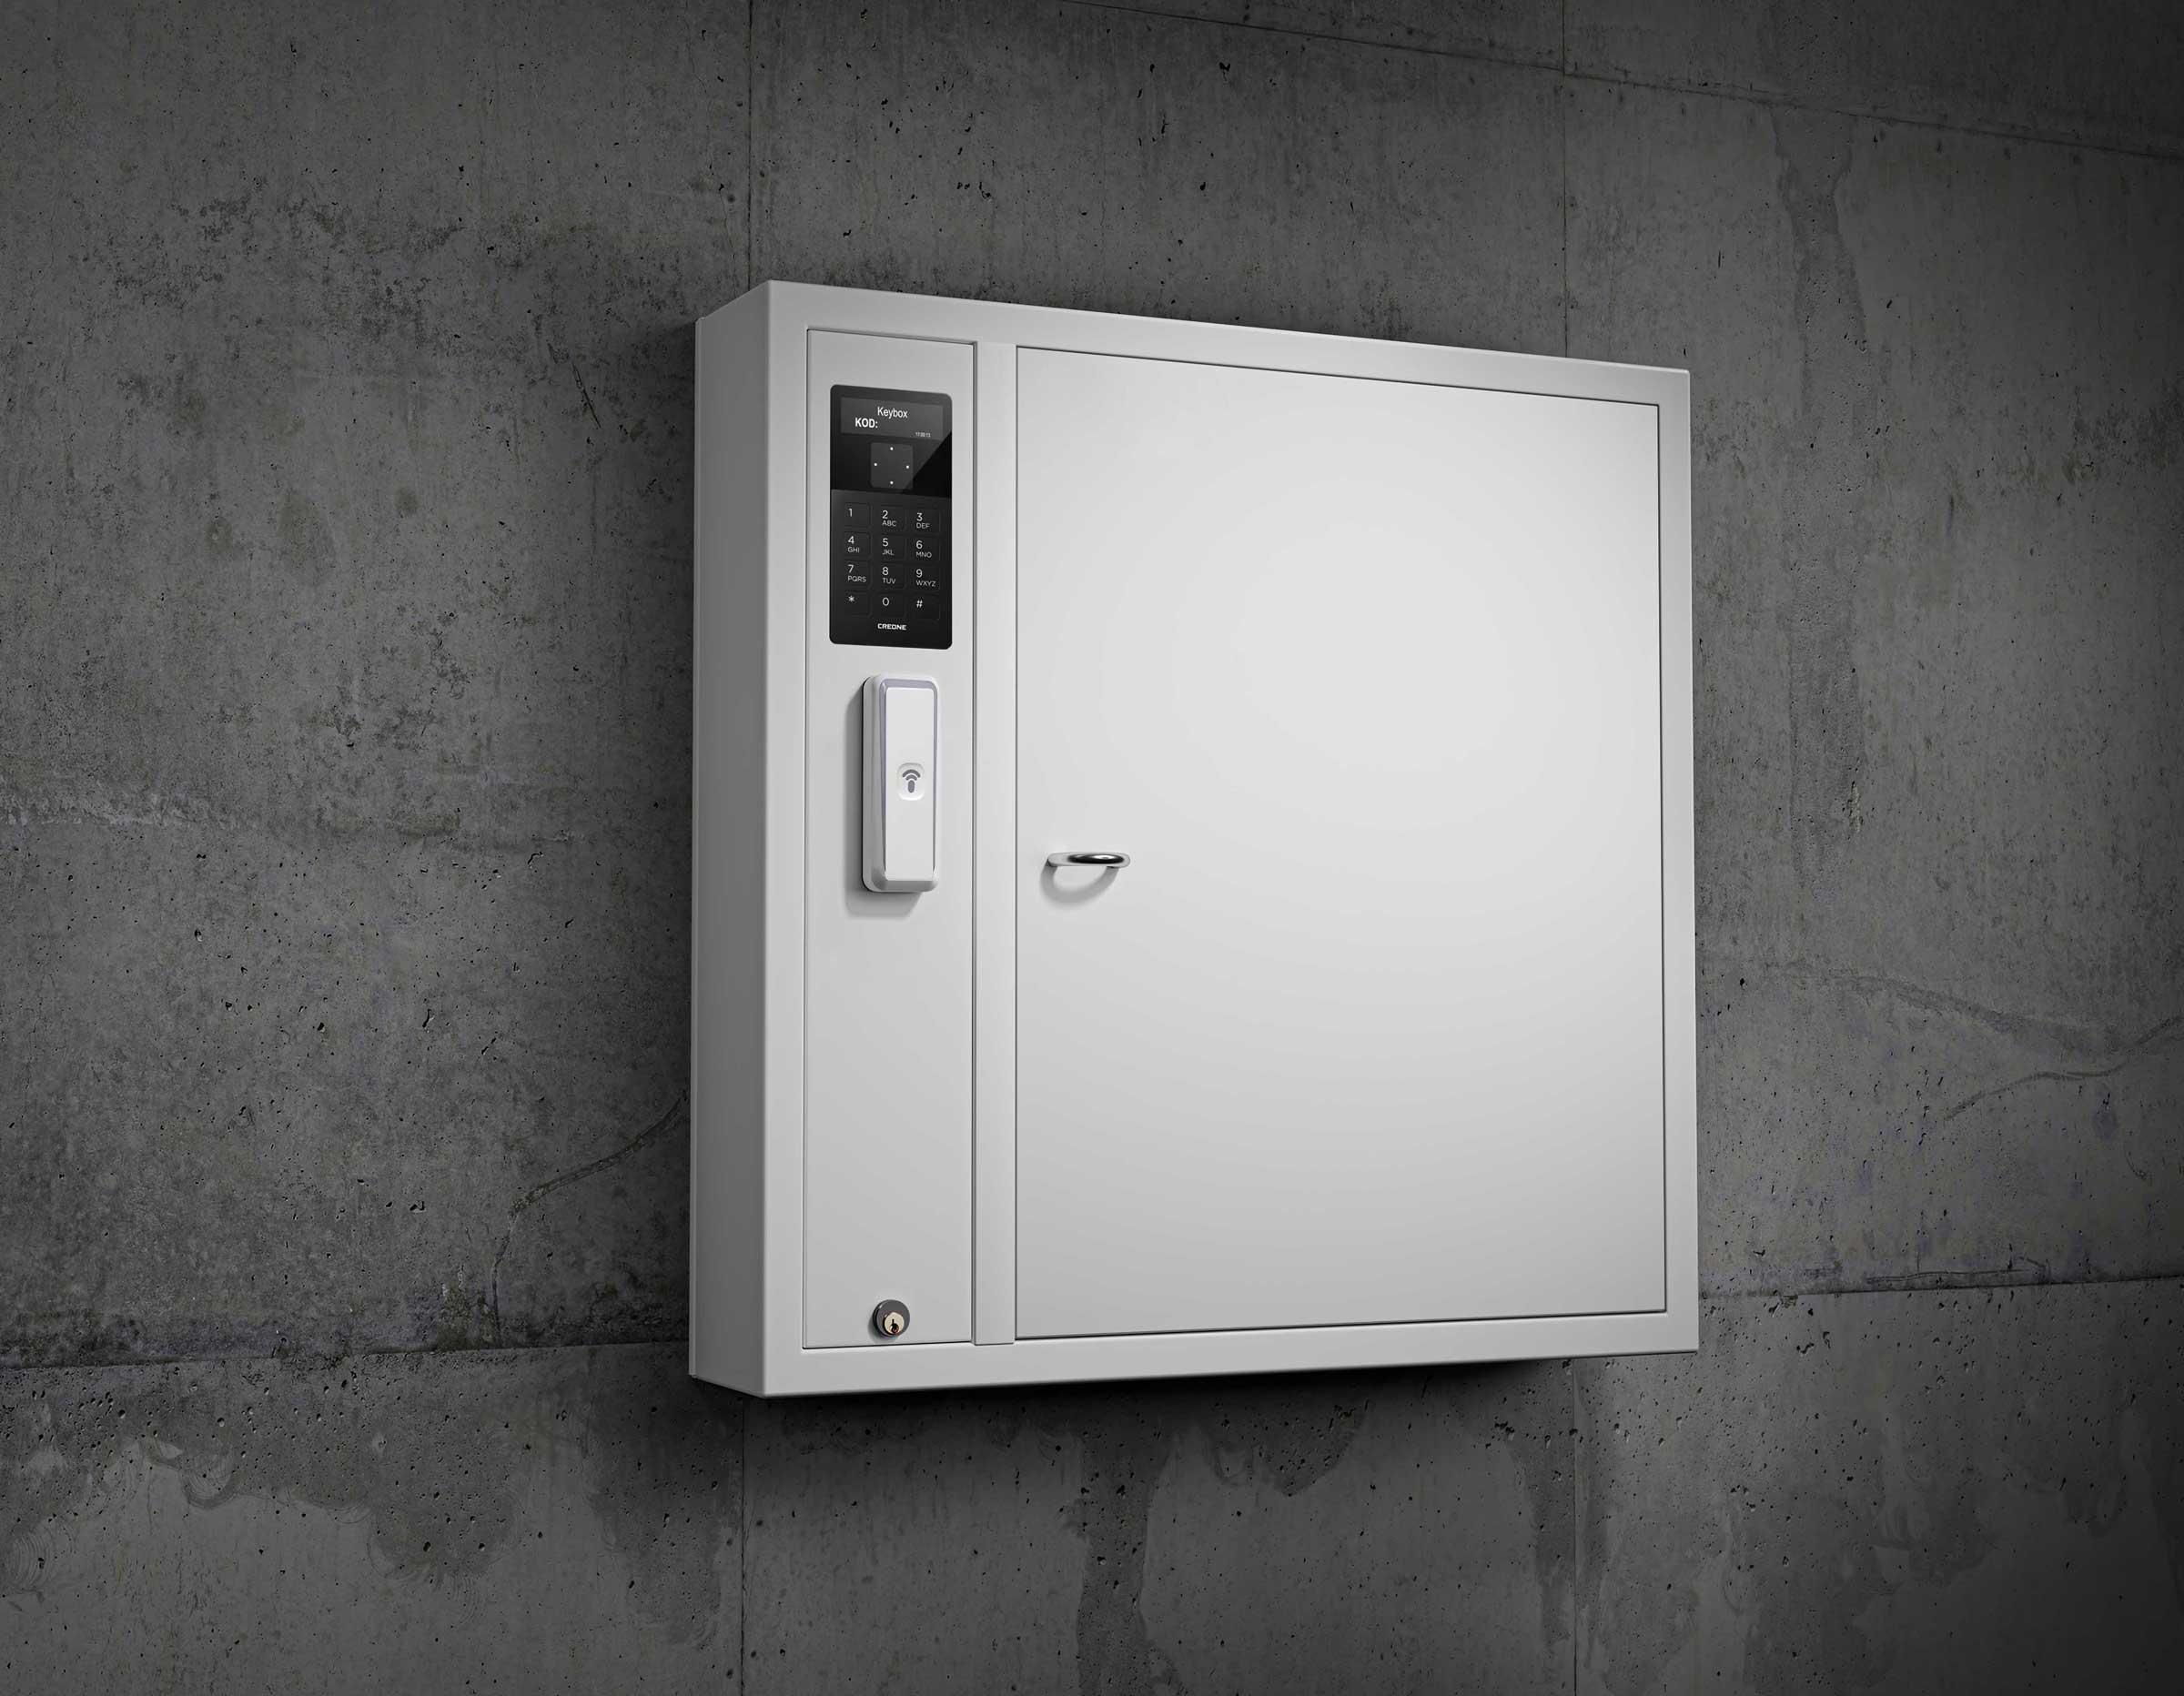 Schlüsselschrank 9500 SC aus der Keycontrol-Serie. Zeigt den Zugriff auf eine Alkoholsperre, die die Schlüsselverwaltung organisiert.